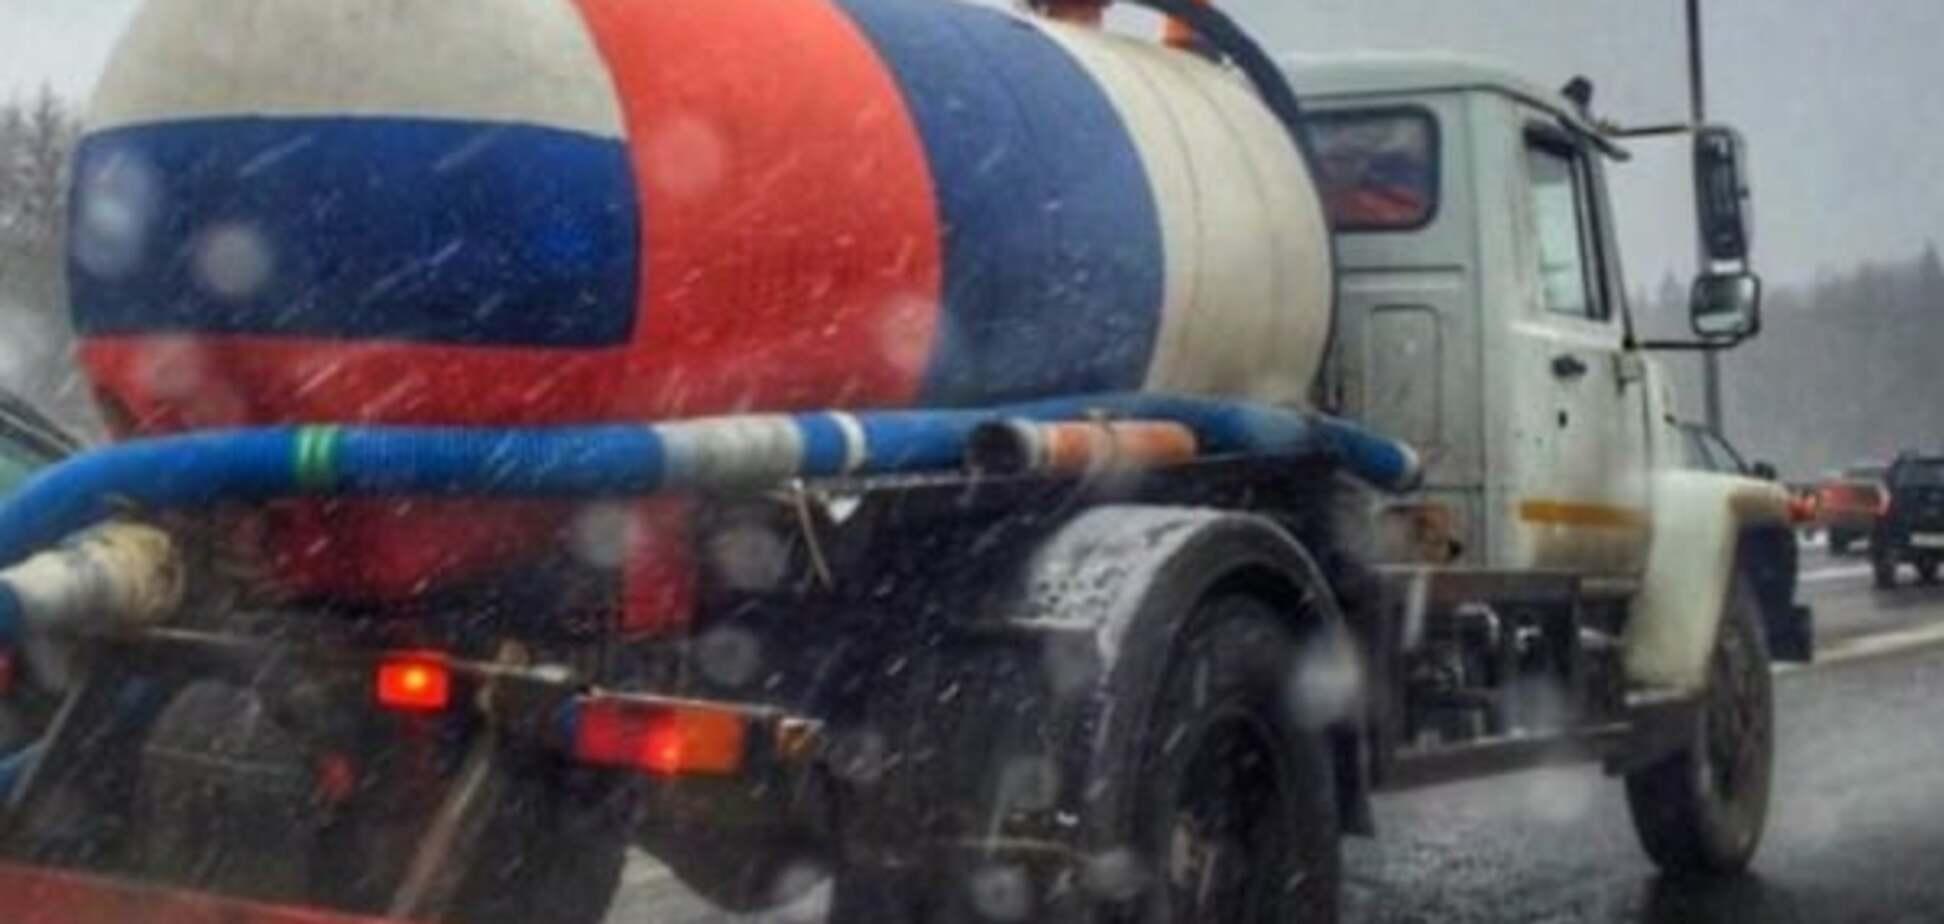 'Г ** но прикрите триколором': у Москві асенізатор розфарбували в кольори прапора Росії. Фотофакт